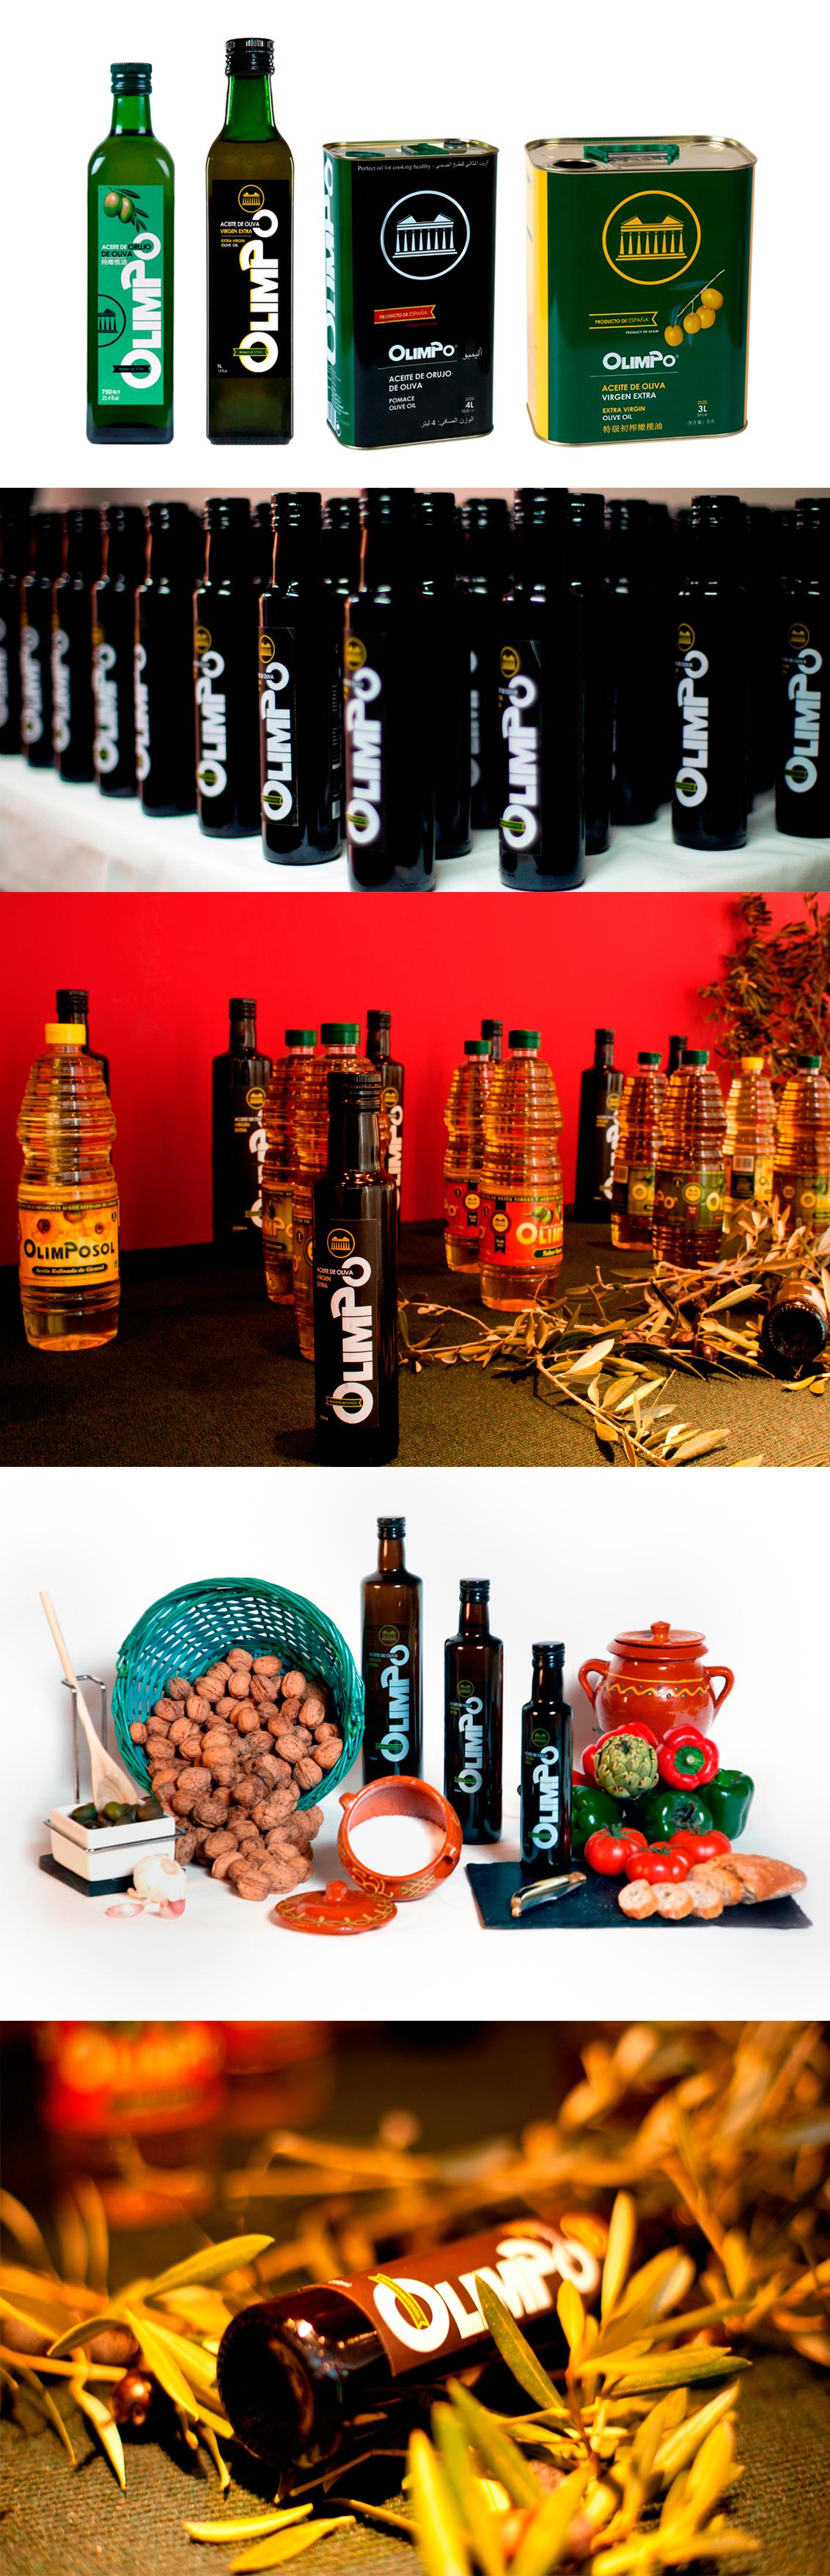 Diseño de catálogos, fotografía publicitaria Aceites Olimpo